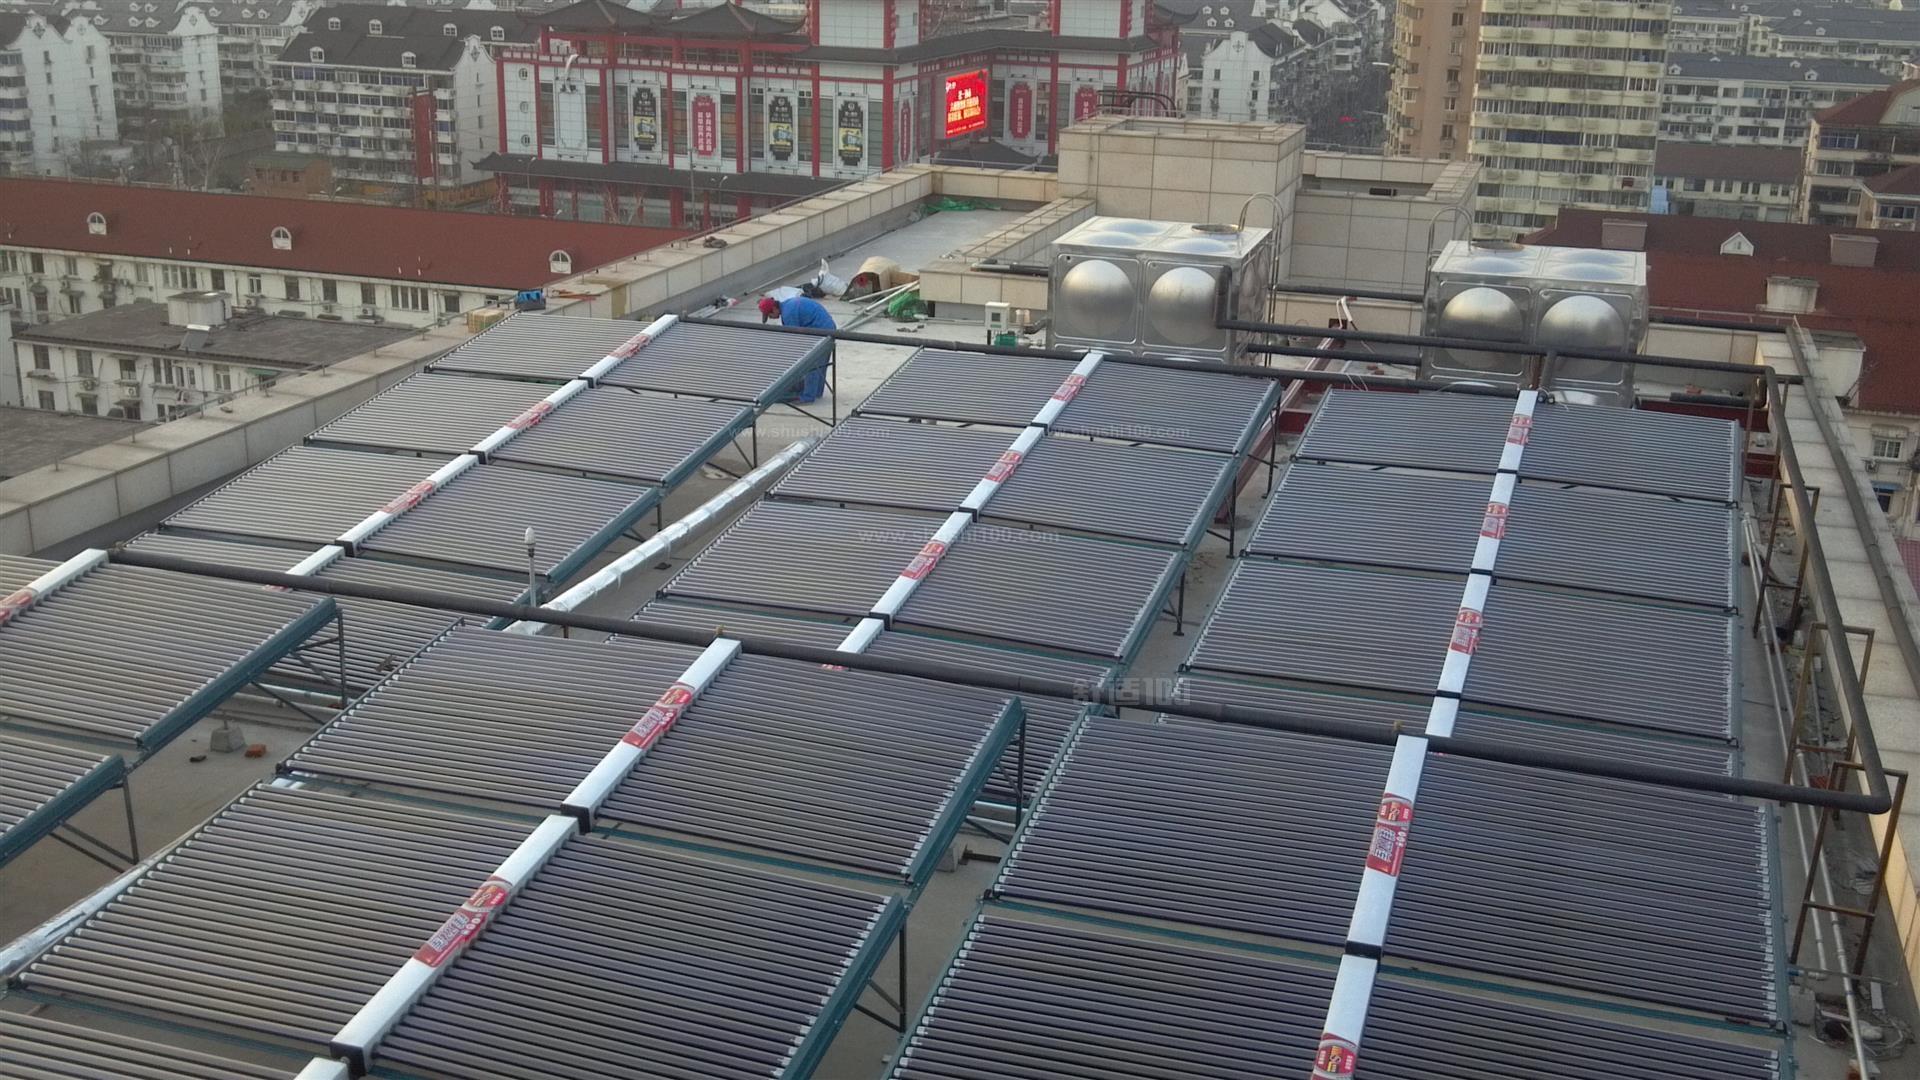 壁挂太阳能